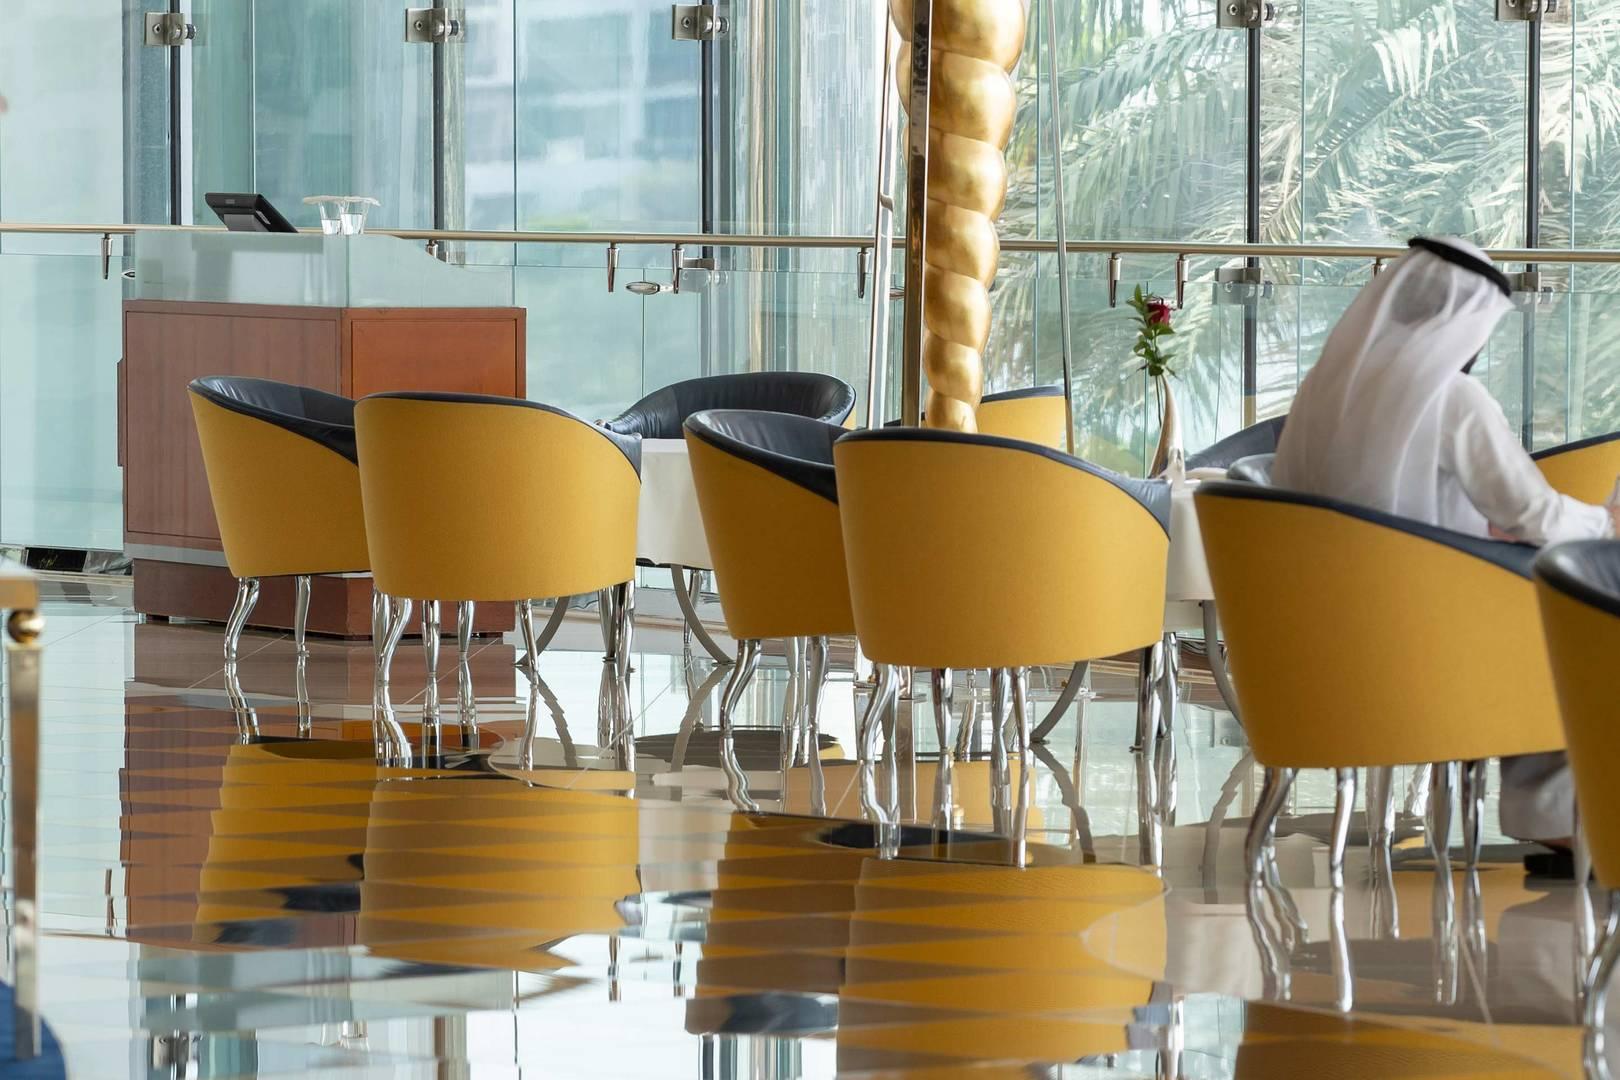 https://cdn.jumeirah.com/-/mediadh/DH/Hospitality/Jumeirah/Restaurants/Dubai/Burj-Al-Arab-Sahn-Eddar/Restaurant-Gallery/Burj-Al-Arab-Sahn-Eddar-2_6-4.jpg?h=1080&w=1620&hash=8FEEDF38F6C6547139FDC37C06E4457B